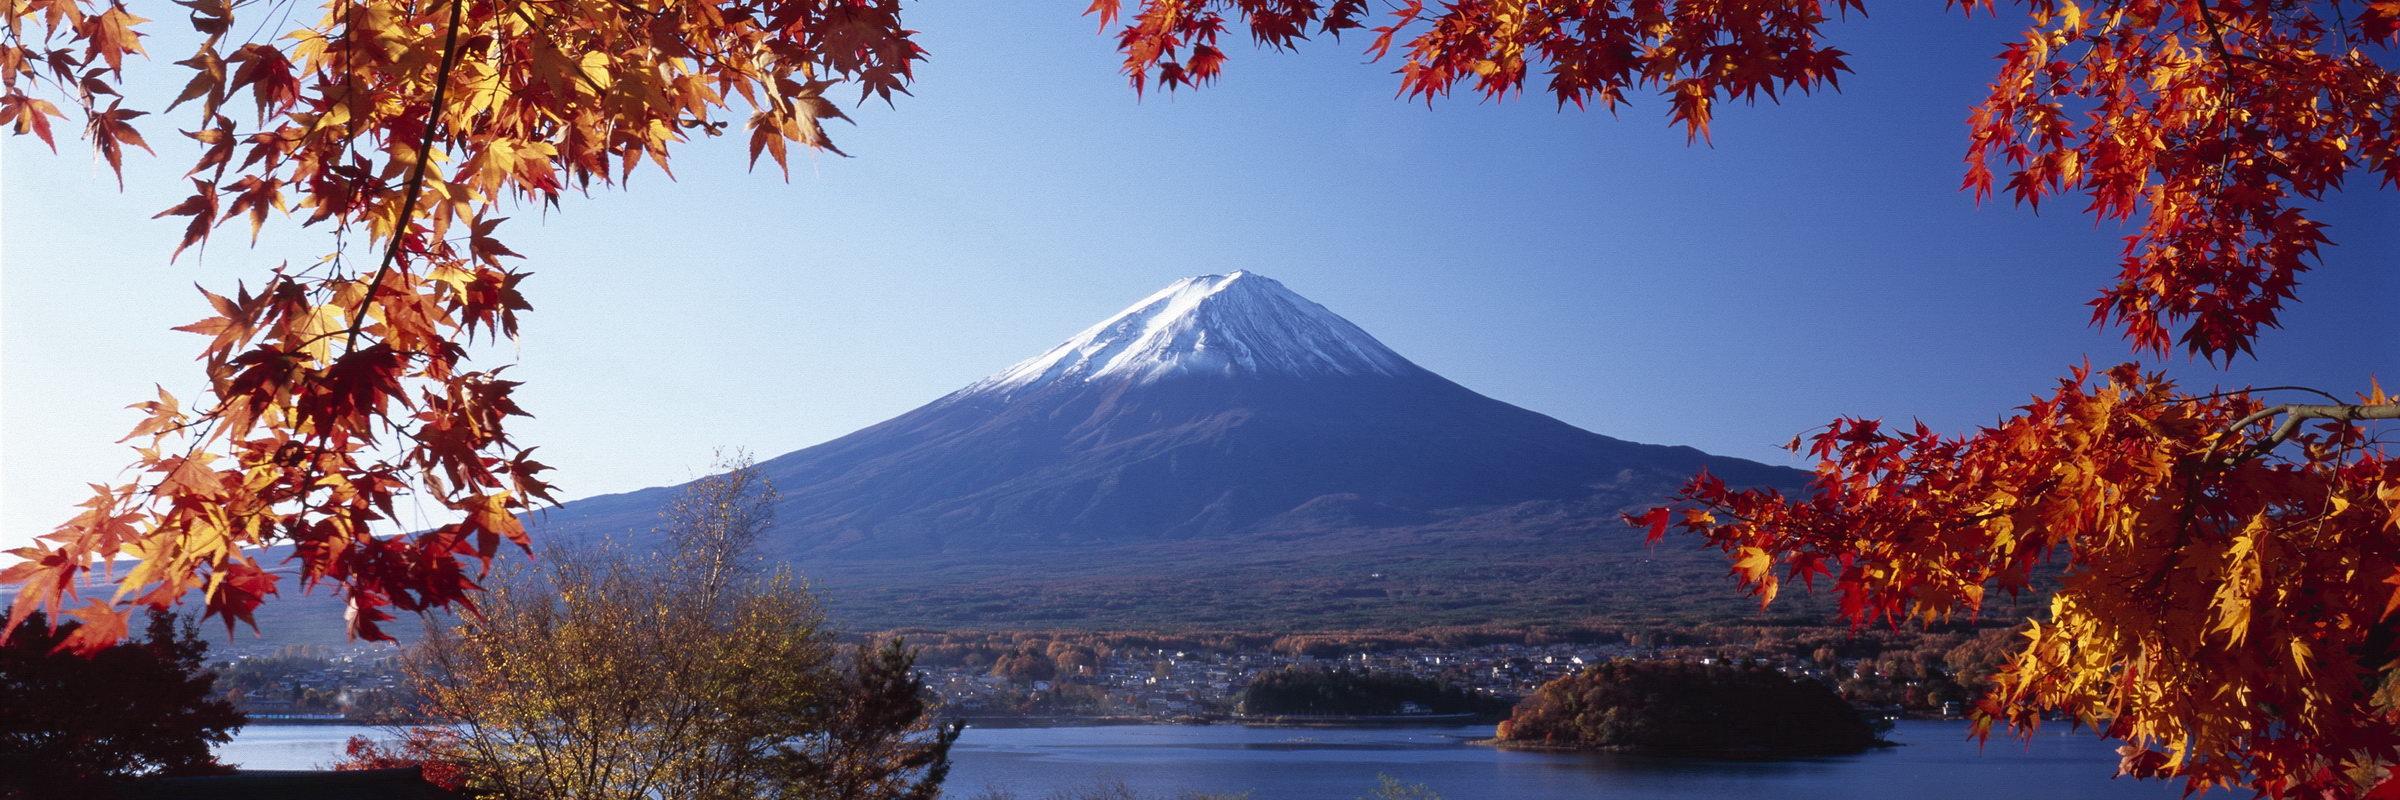 Die Herbstlaubfaerbung ist ein farbenfrohes Naturschauspiel und immer eine Reise wert.